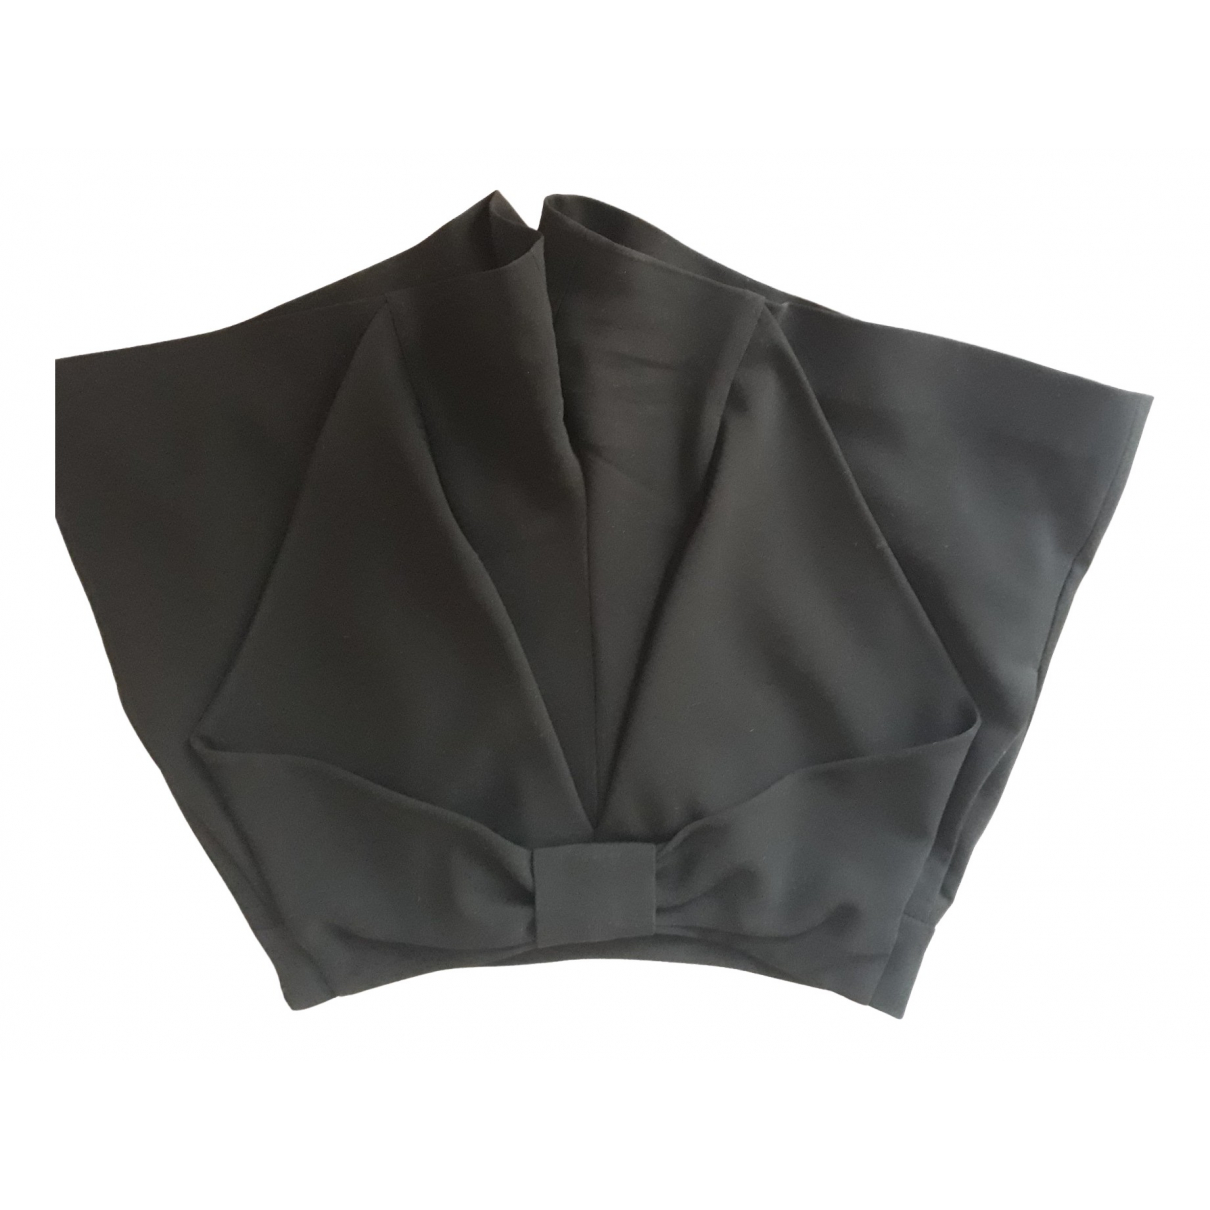 Claudie Pierlot \N Shorts in  Schwarz Polyester